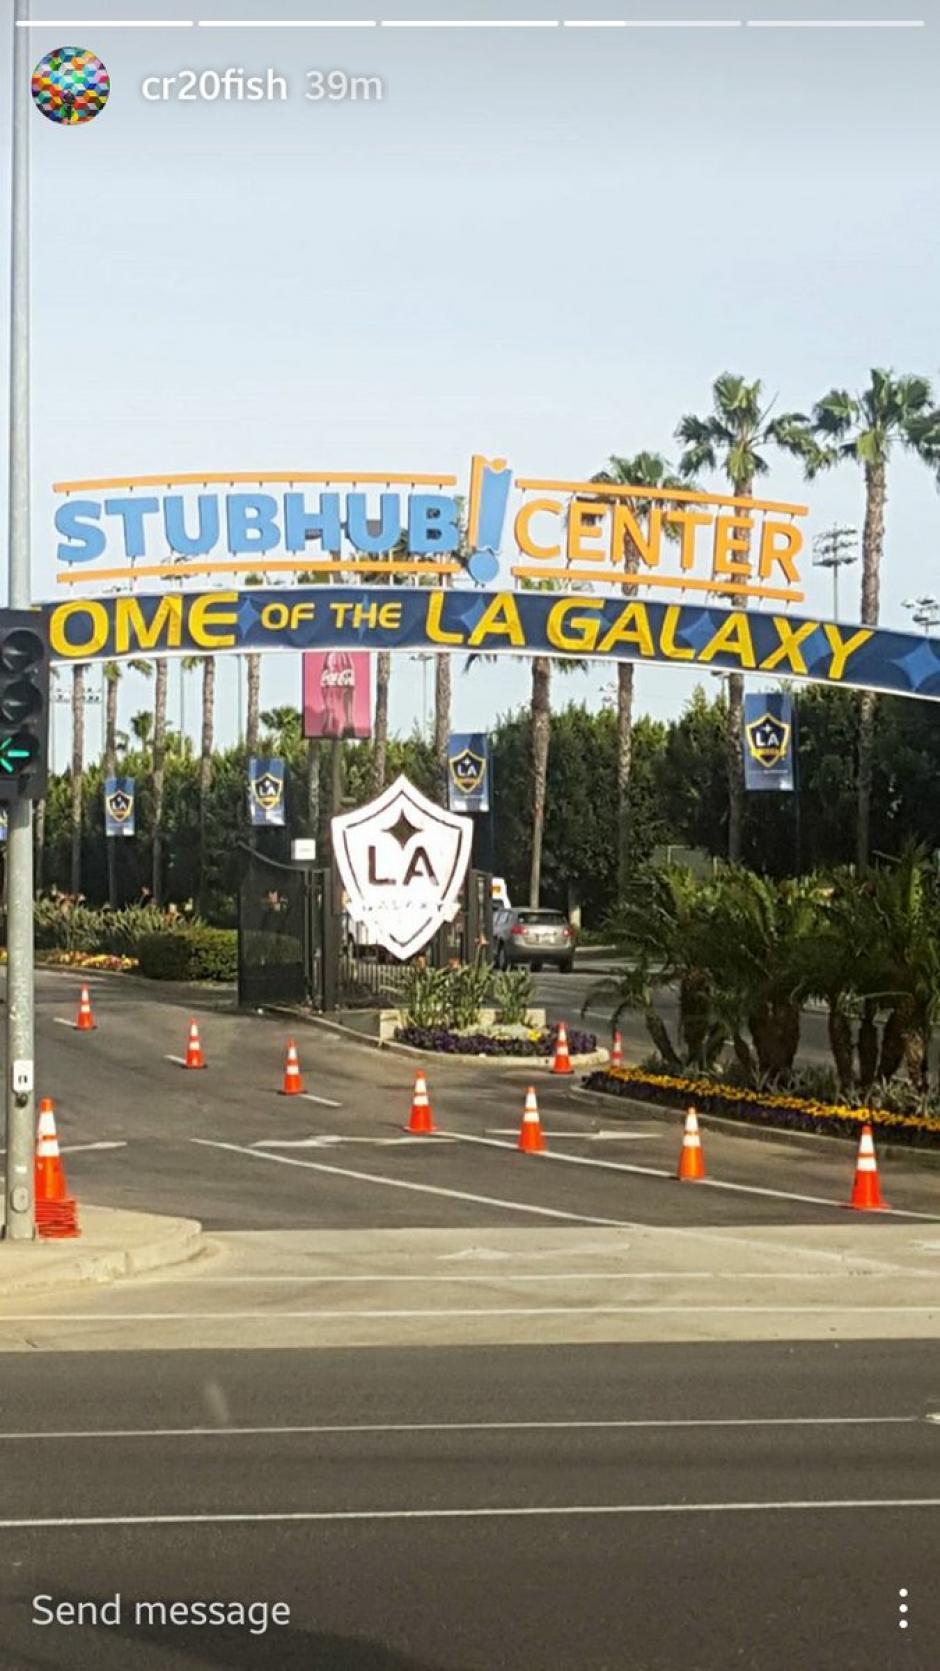 Carlos Ruiz compartió una foto a su llegada al StubHub Center. (Foto: Carlos Ruiz)